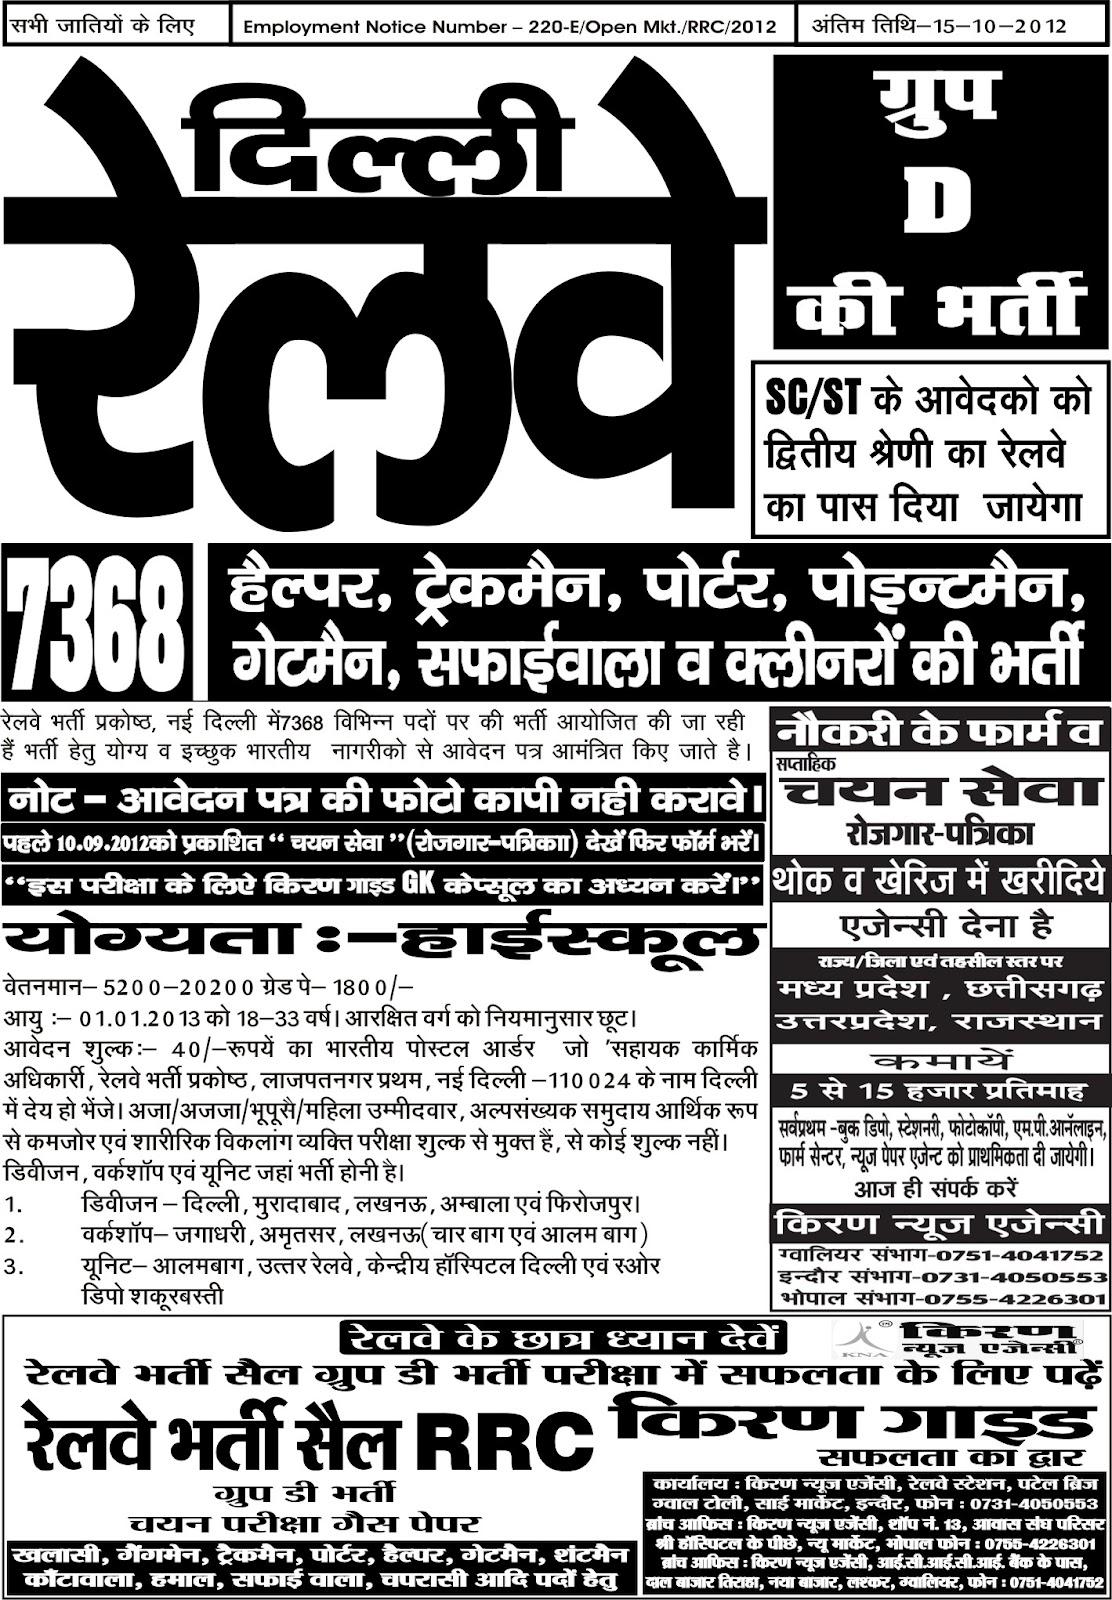 M.P. Job Vacancy 2016